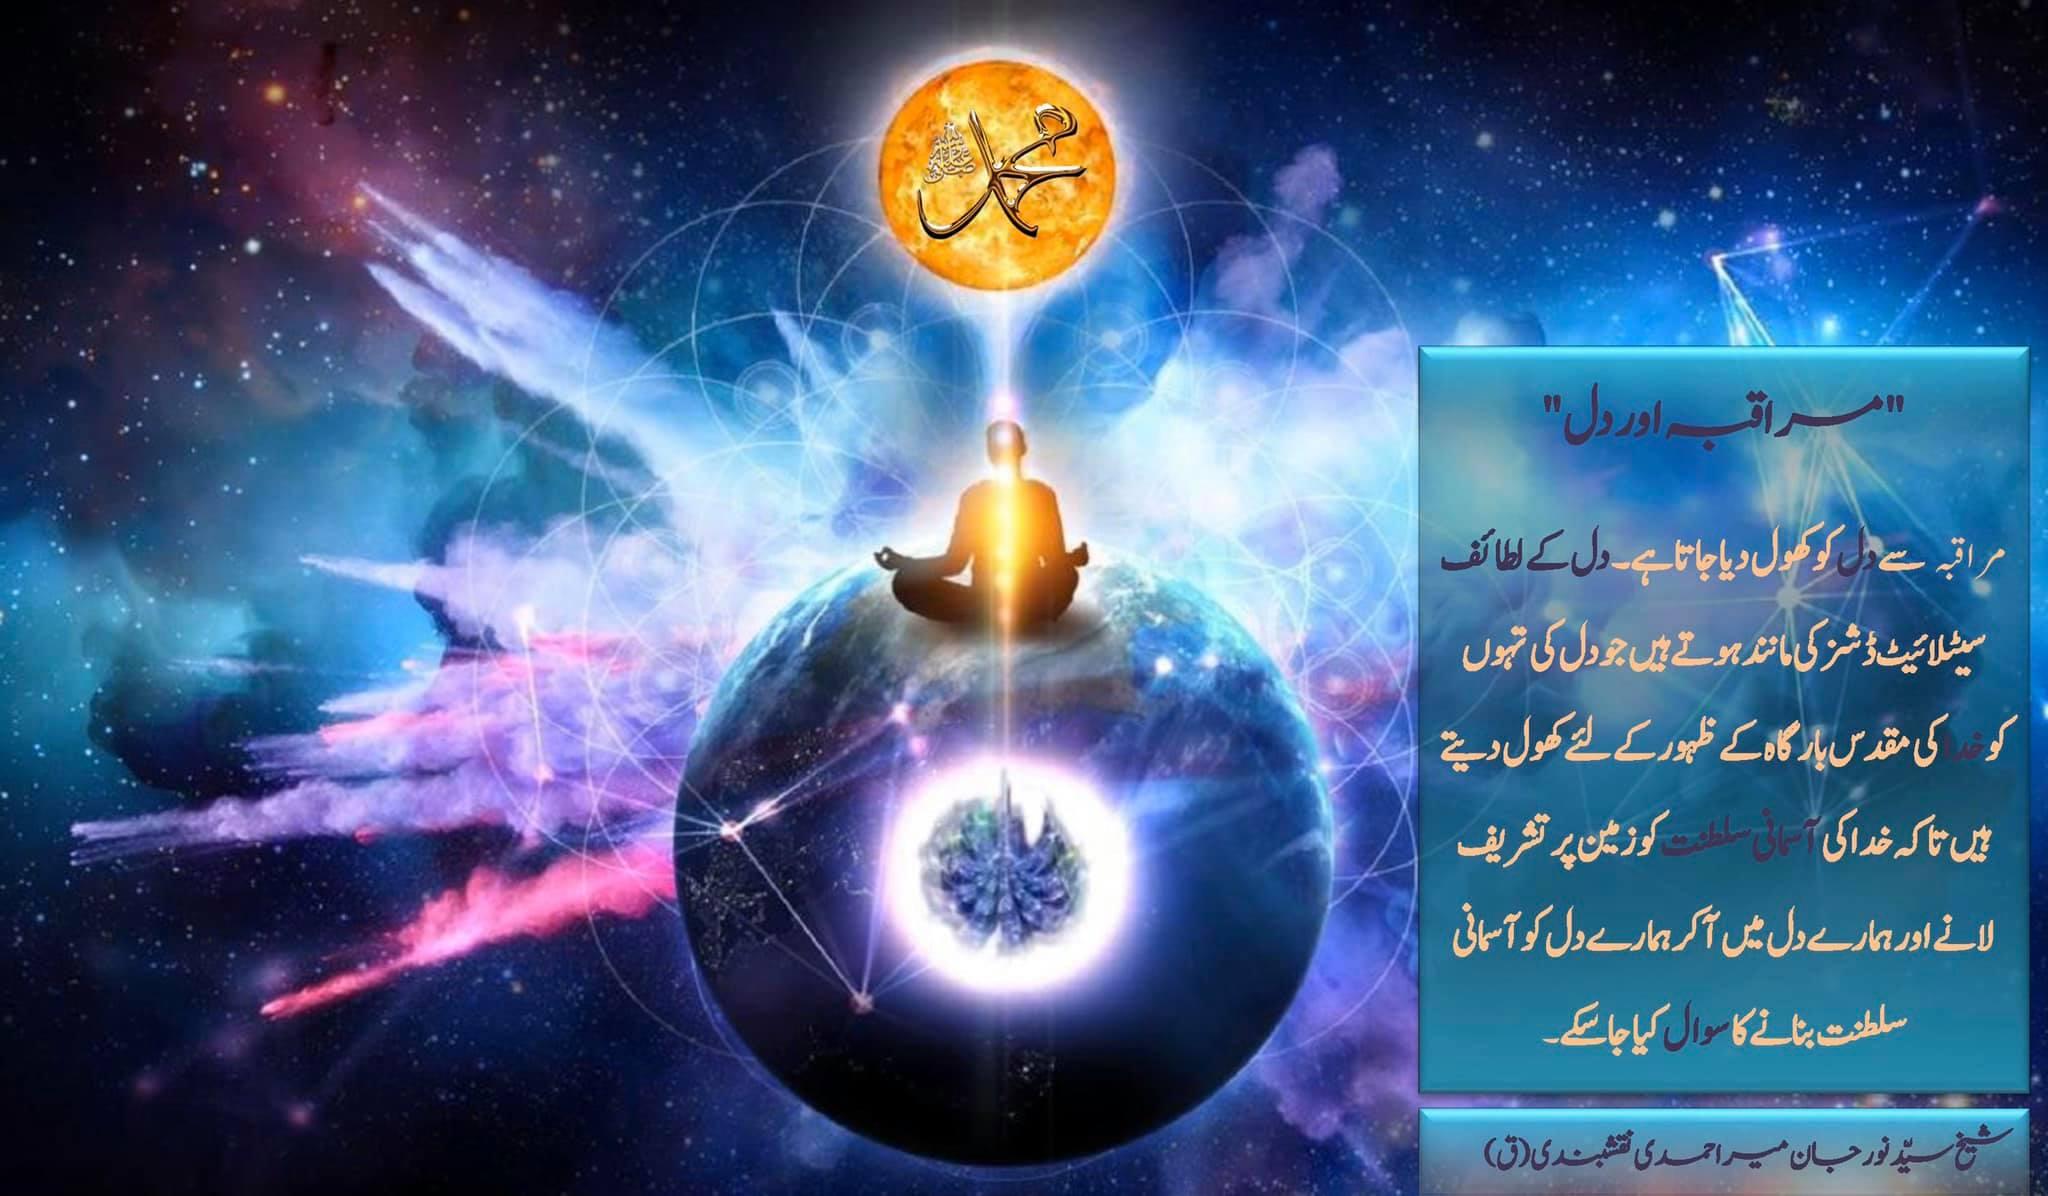 شیخ سَیَّد نورجان مِیراَحمَدِی نَقشبَندِی (ق) کی سنہری تعلیمات سے اقتباس بِسْمِ...